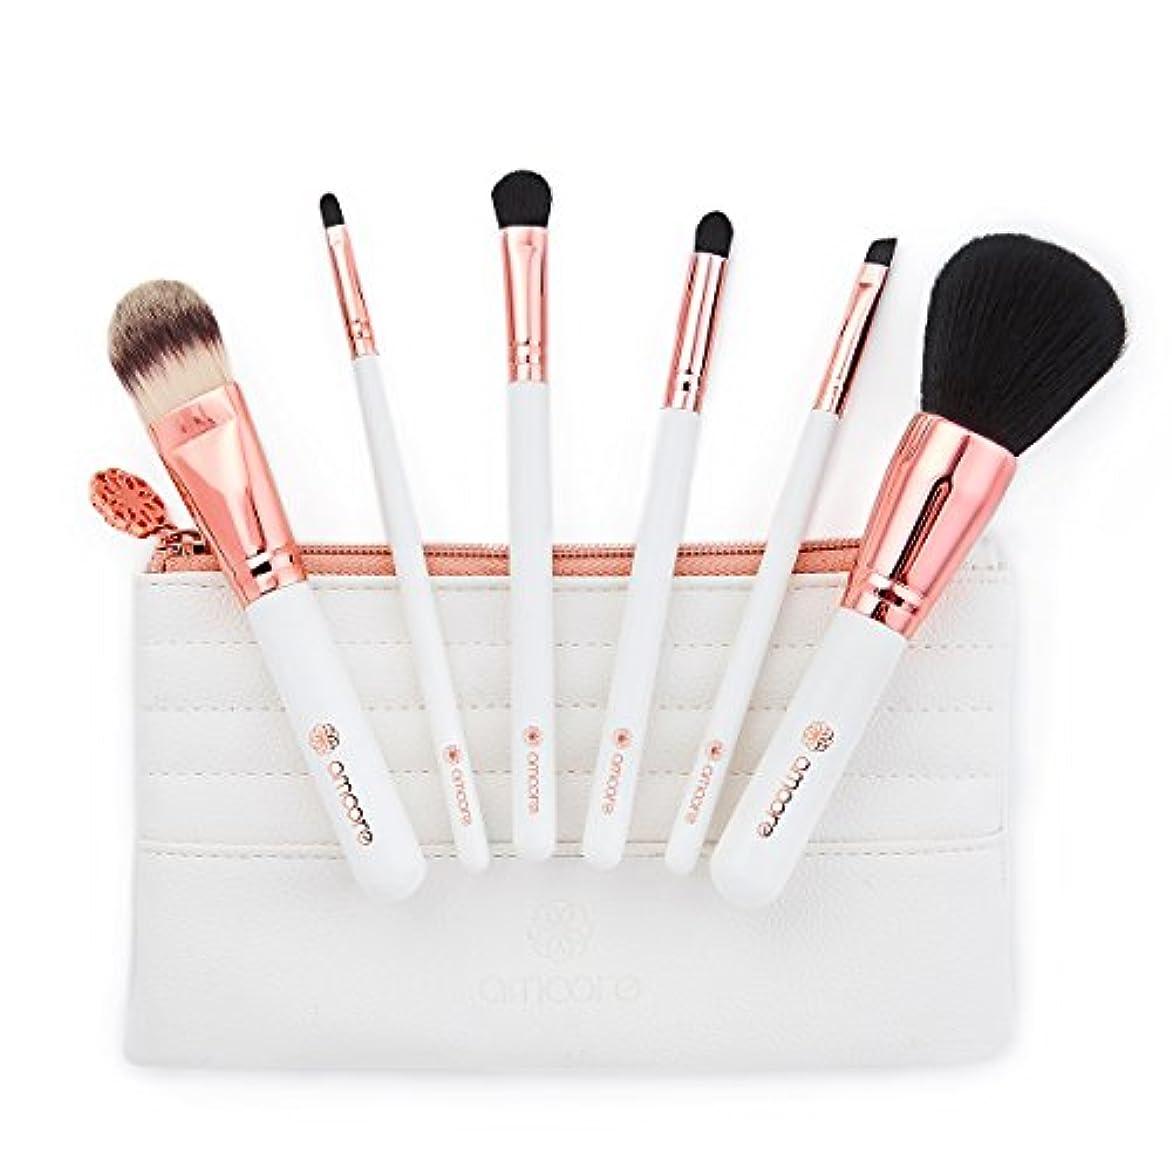 リビジョン強います謝罪amoore 6本セット 化粧筆 メイクブラシ コスメ ブラシ 化粧ブラシ 収納ケース付き(6本, ホワイト)